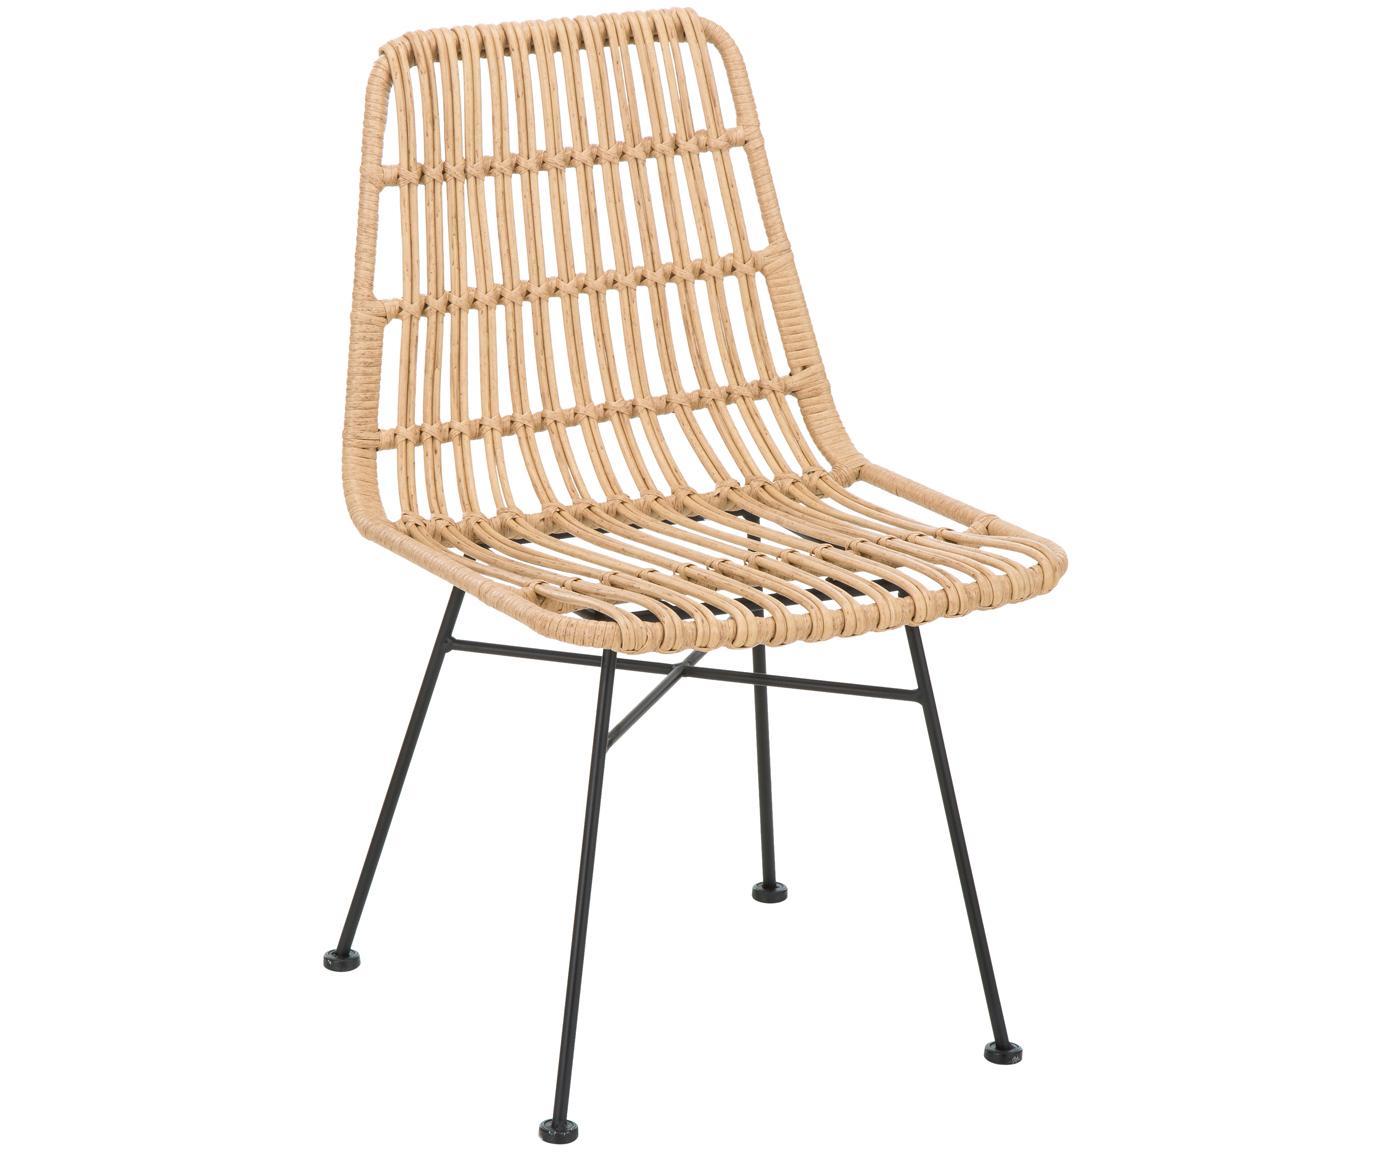 Polyrotan stoelen Costa, 2 stuks, Zitvlak: polyethyleen-vlechtwerk, Frame: gepoedercoat metaal, Zitvlak: lichtbruin, gevlekt. Frame: mat zwart, B 47  x D 62 cm